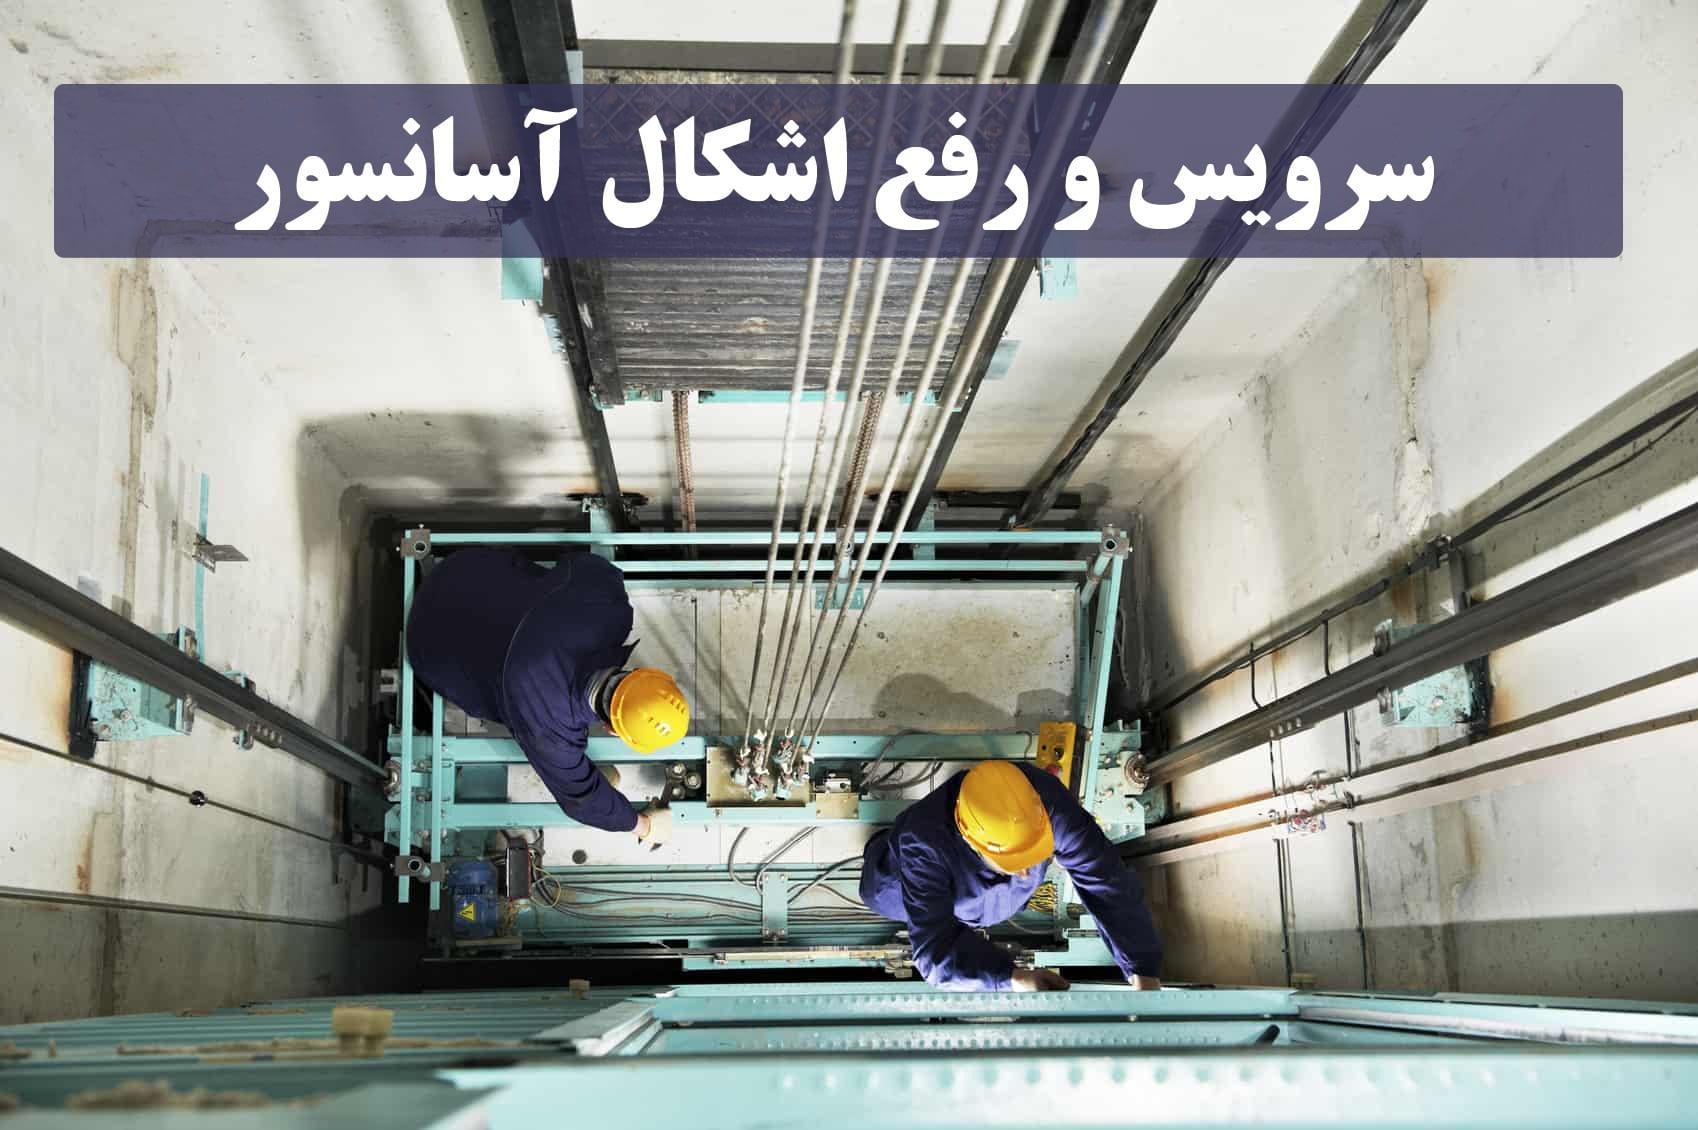 سرویس و رفع اشکال آسانسور